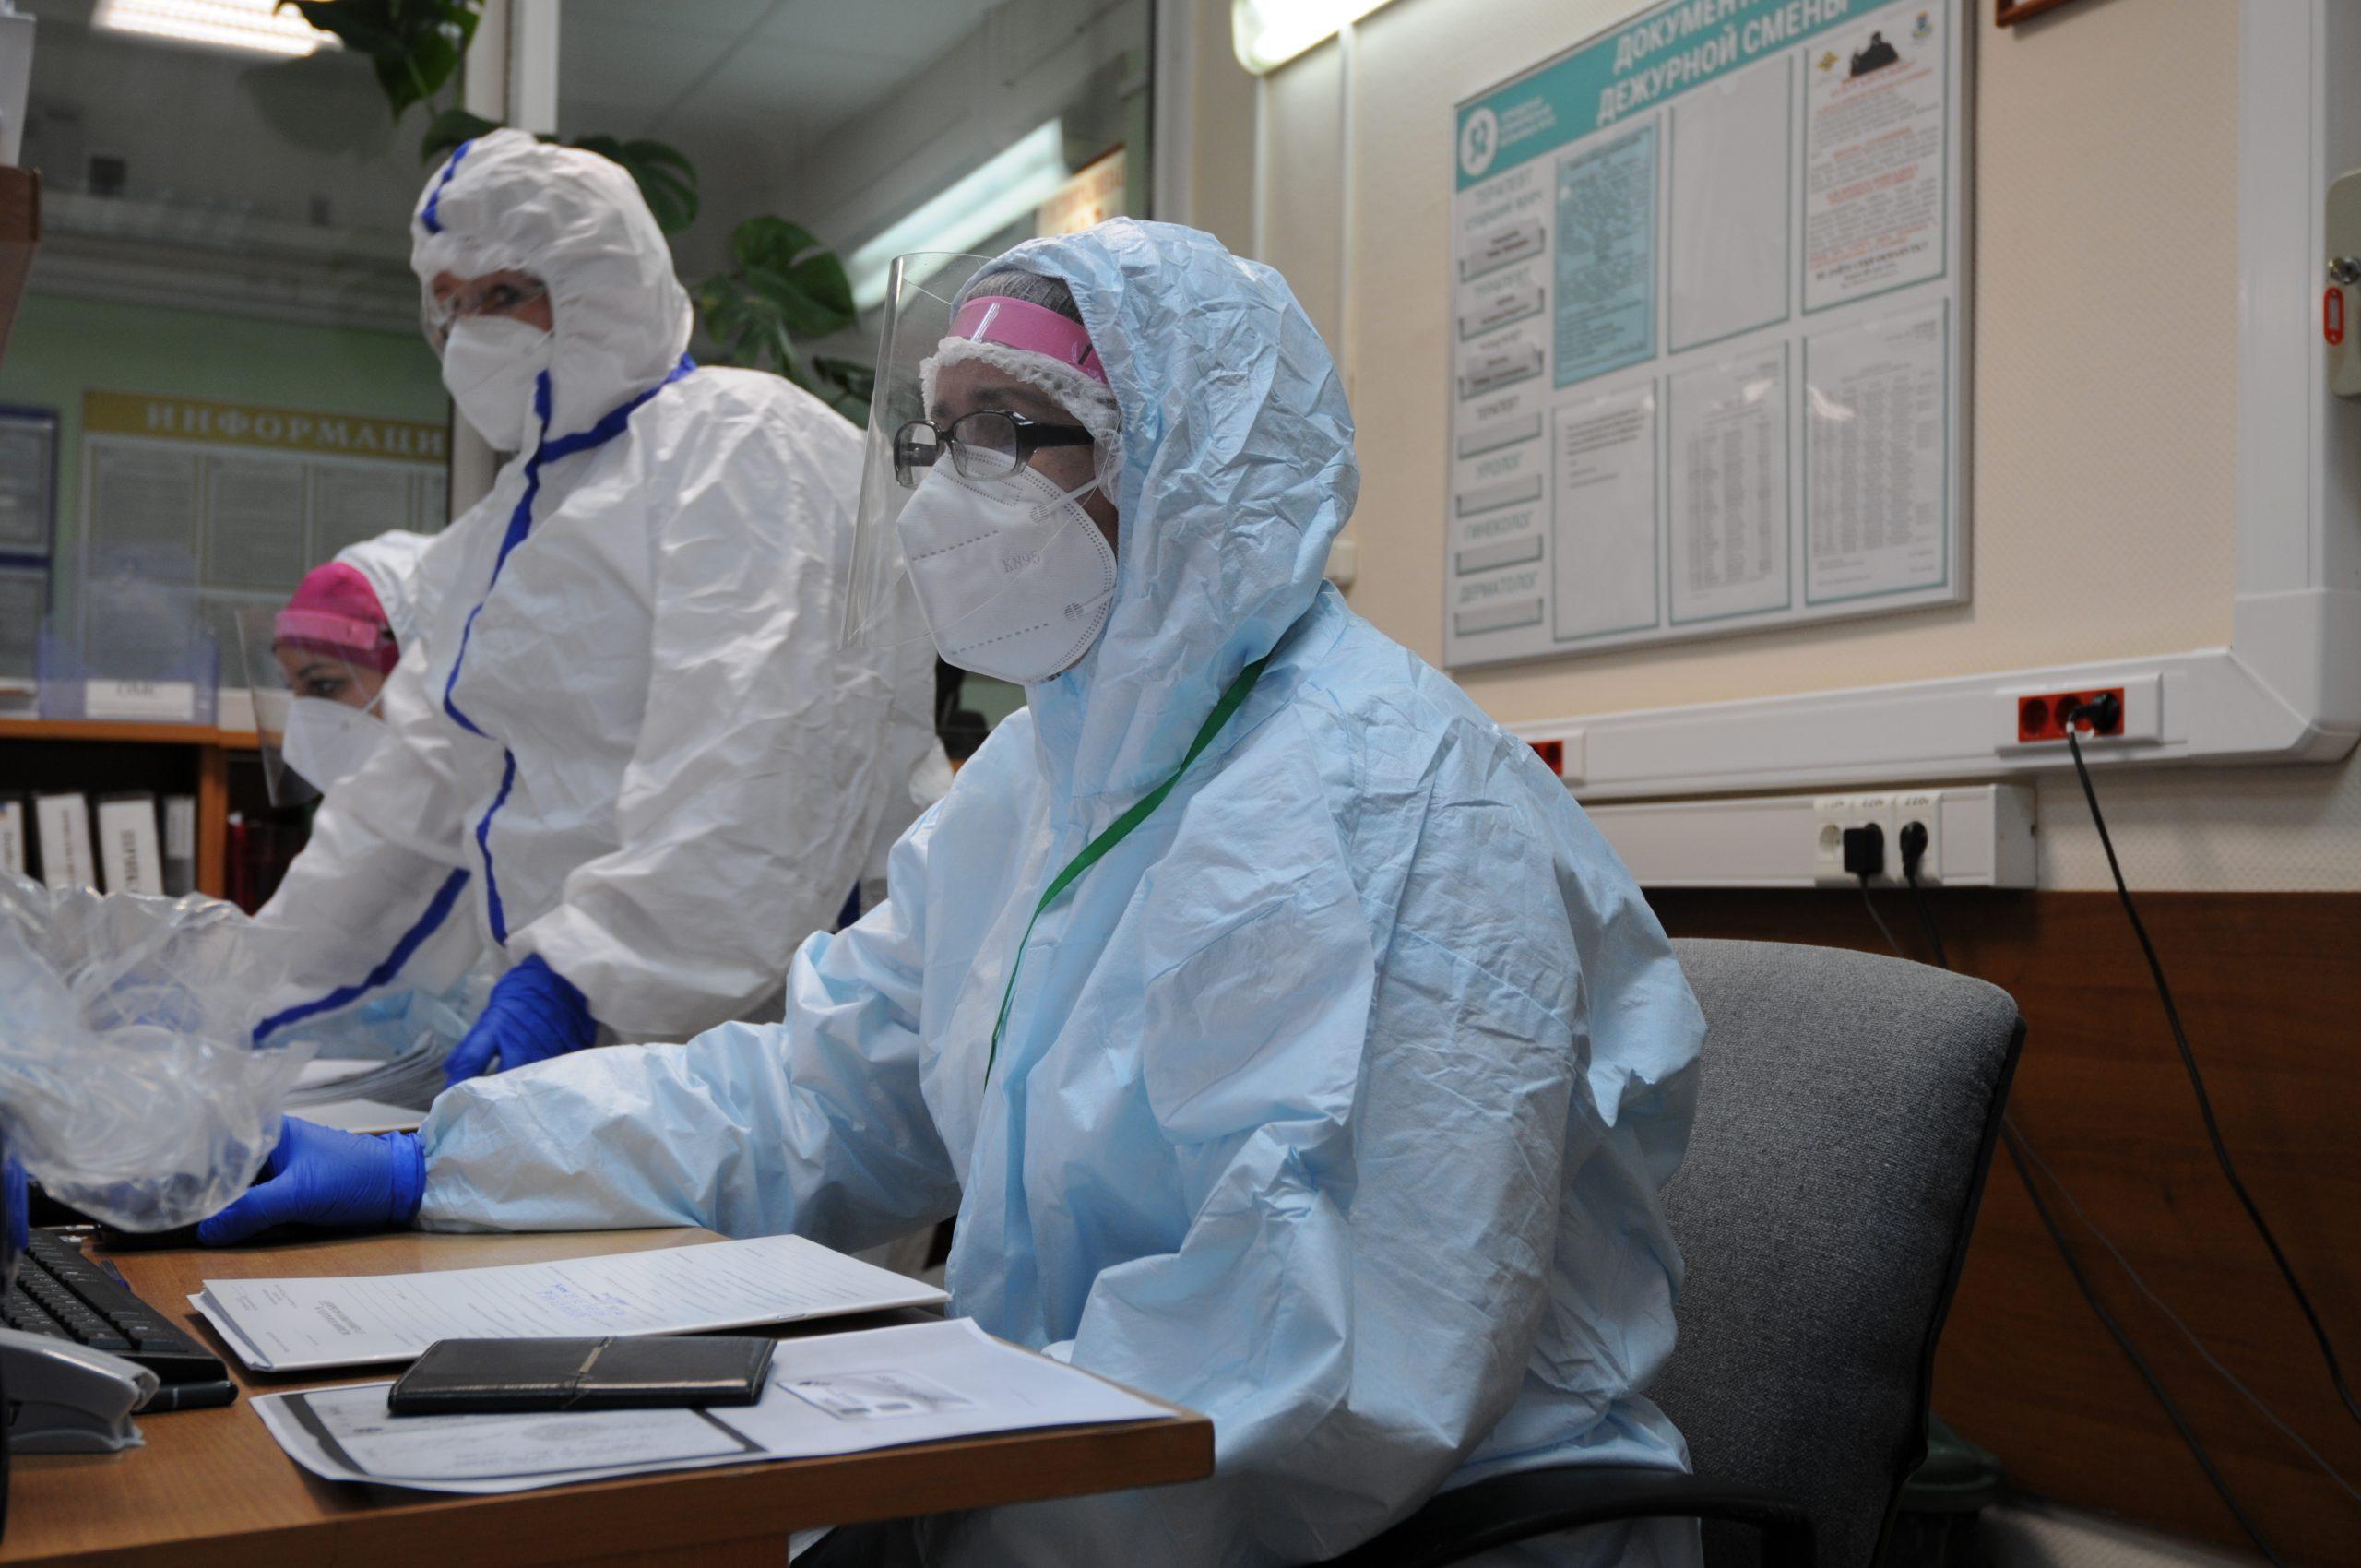 Оперативный штаб по предупреждению распространения коронавируса рассказал о числе зараженных в Москве за минувшие сутки